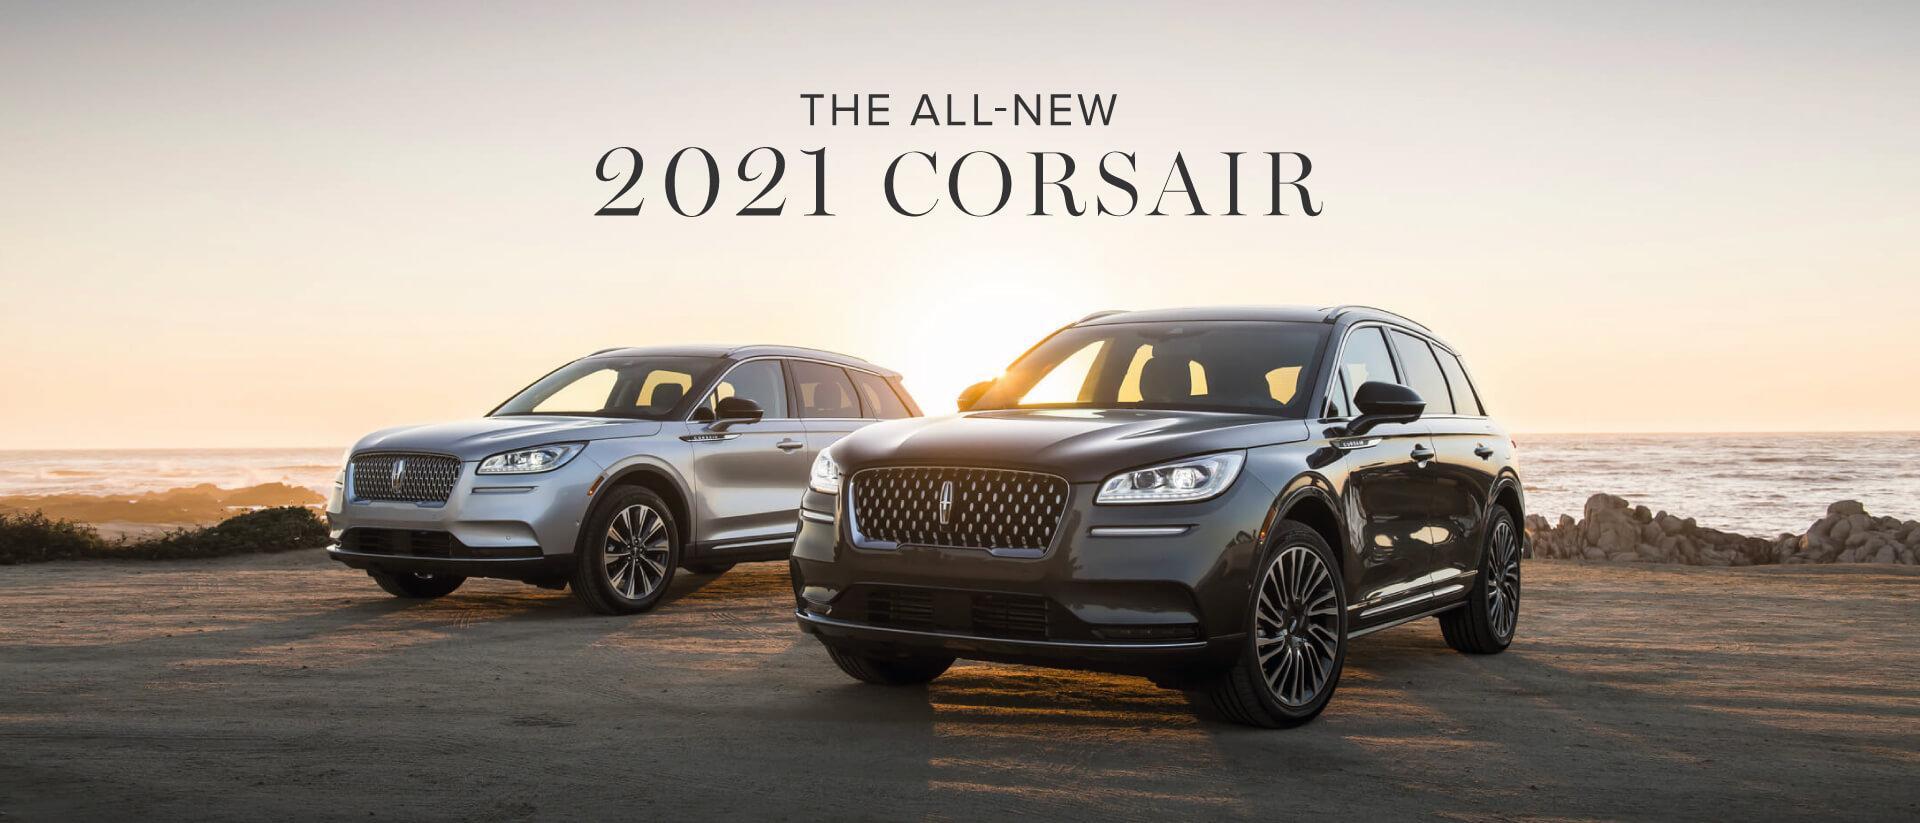 2021 Corsair